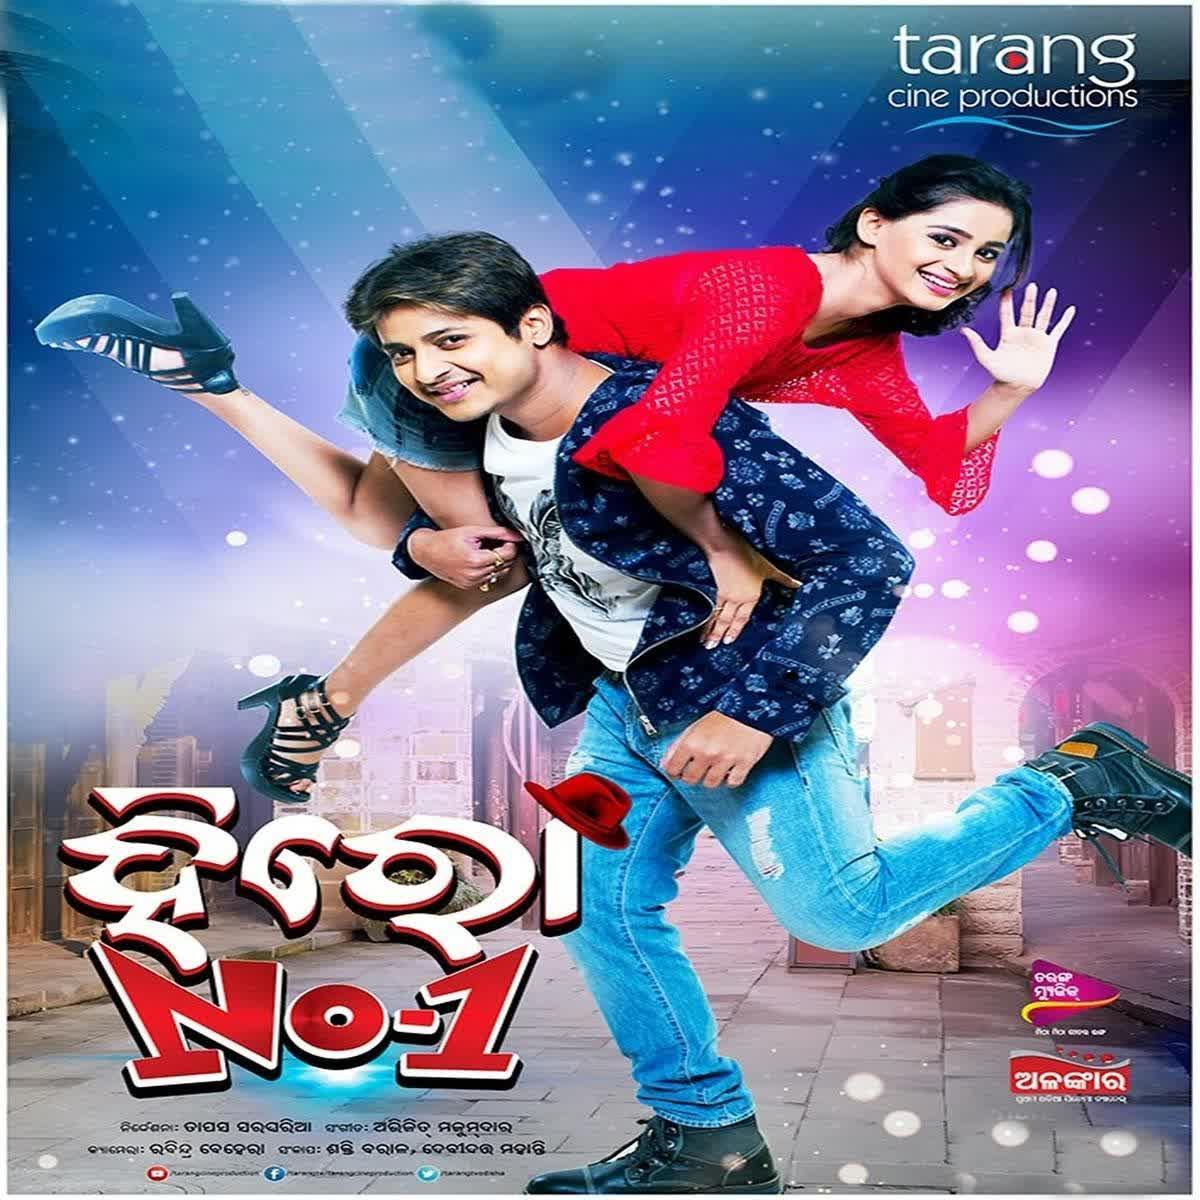 DJ Wala Dance (Humane Sagar, Antara Chakrabarty)